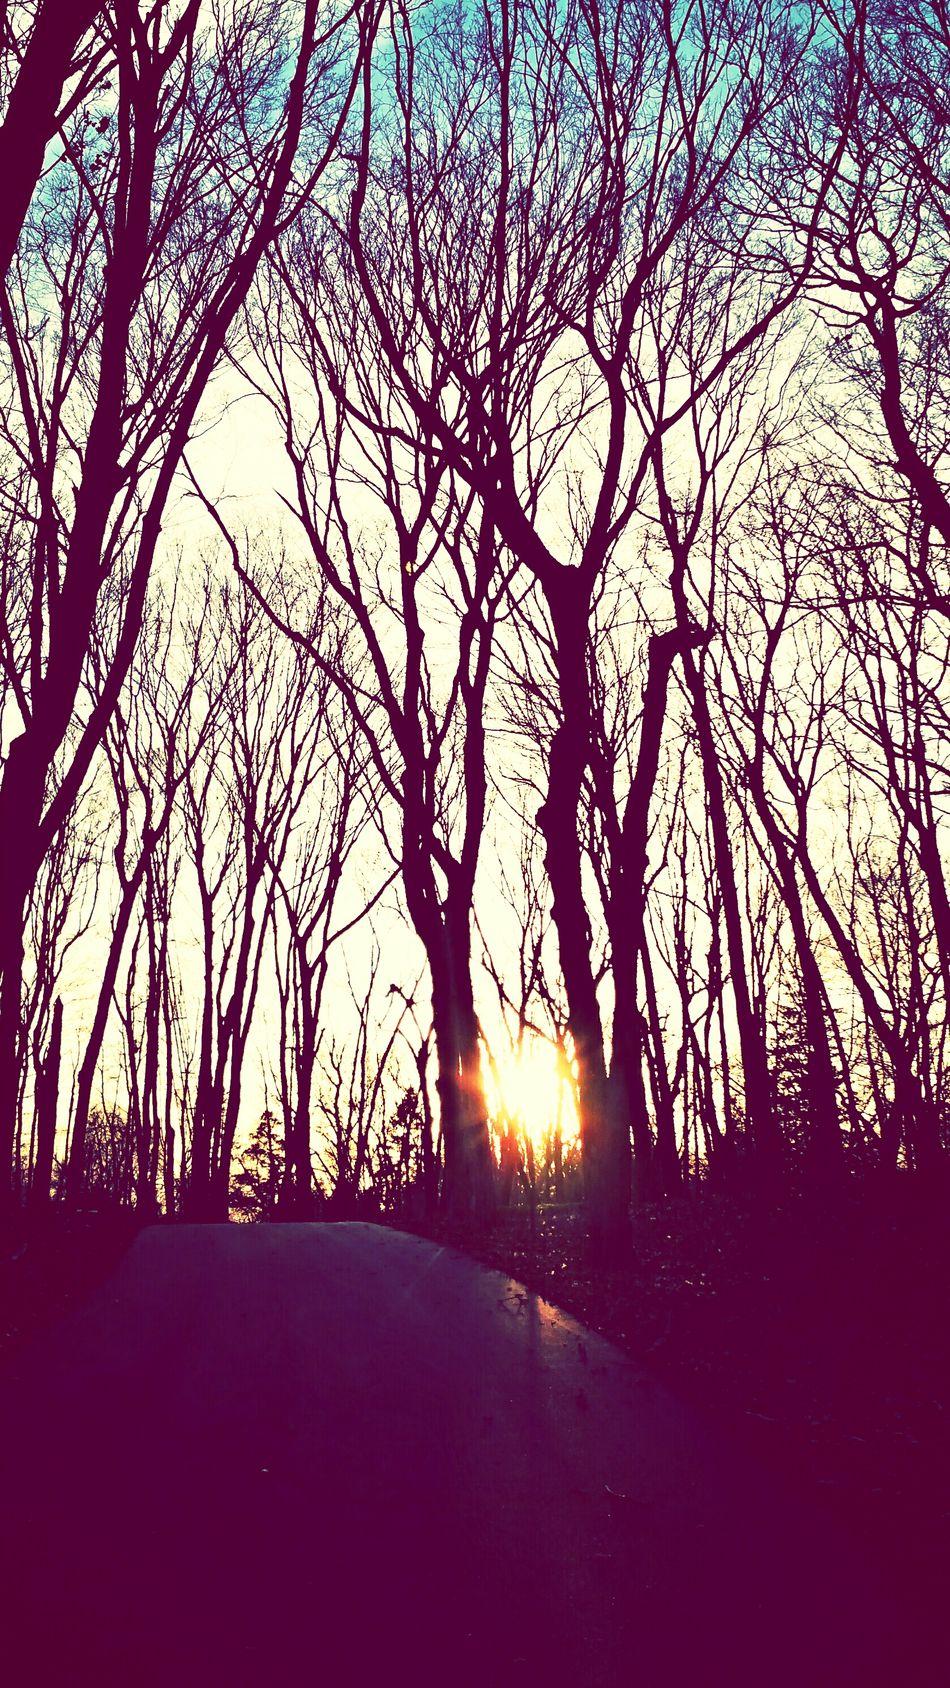 Walking at sunset with my daughter Enjoying Life